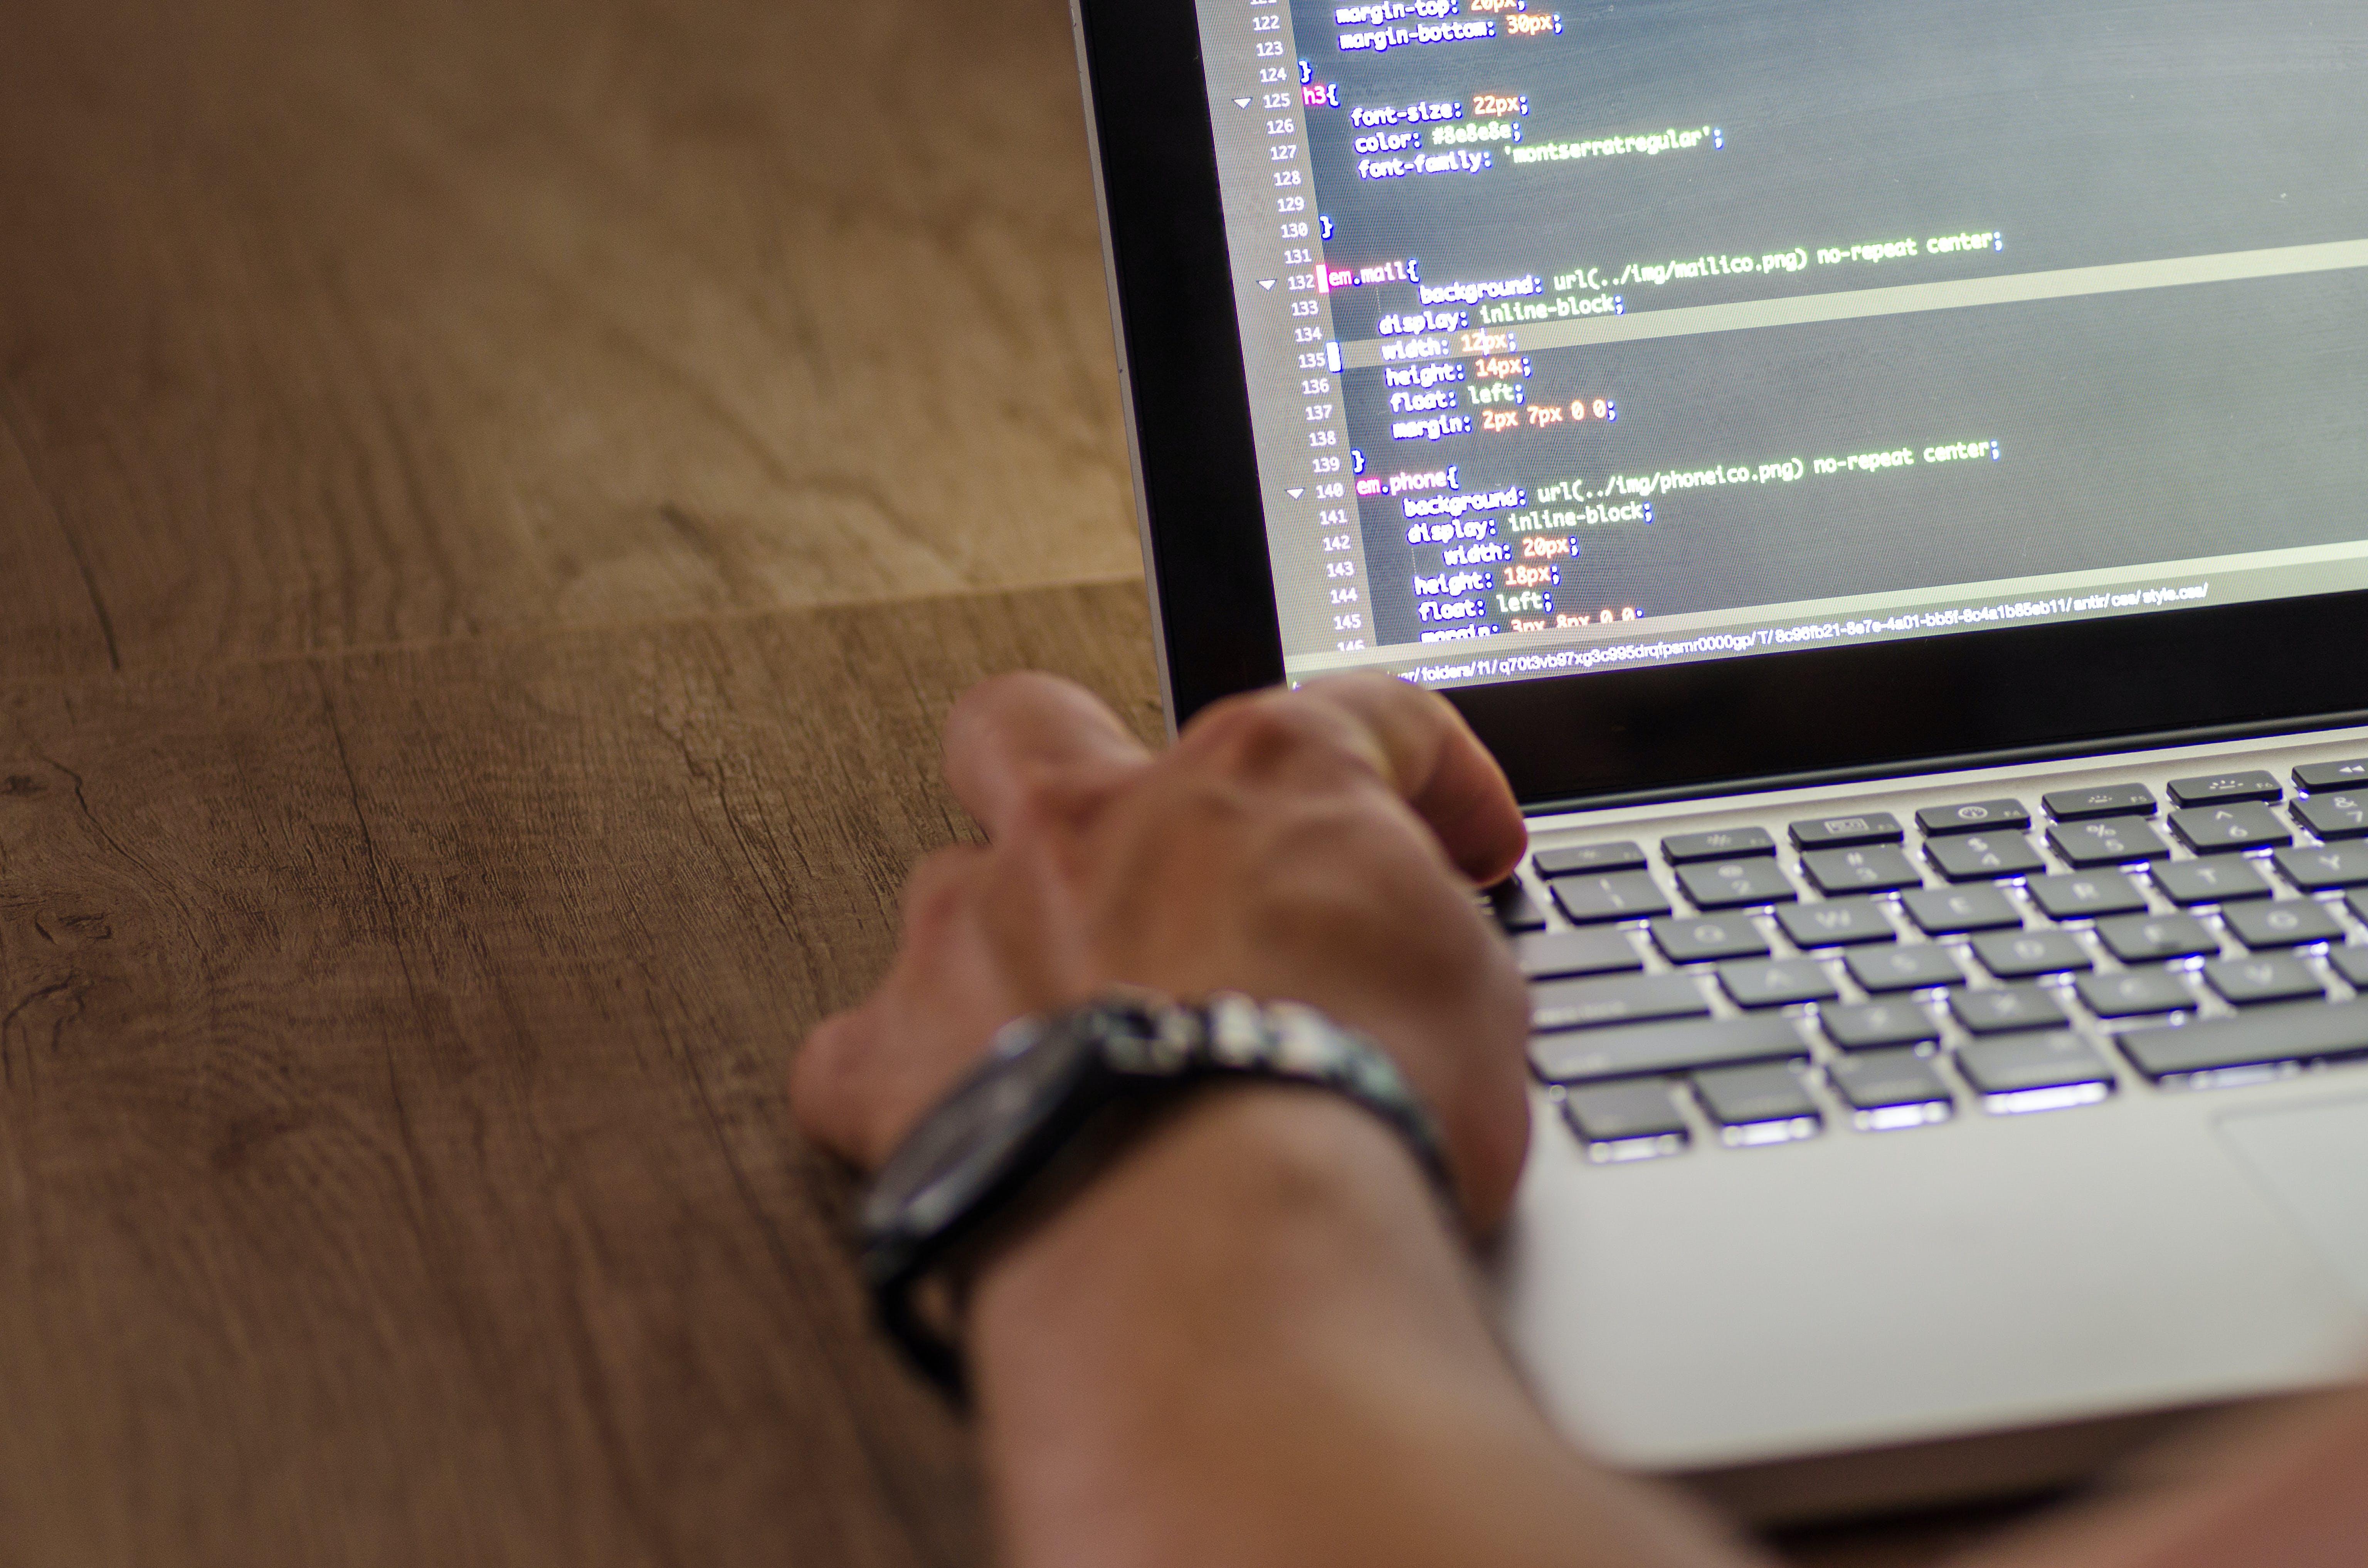 Kostnadsfri bild av arbete, arbetssätt, bärbar dator, elektronik